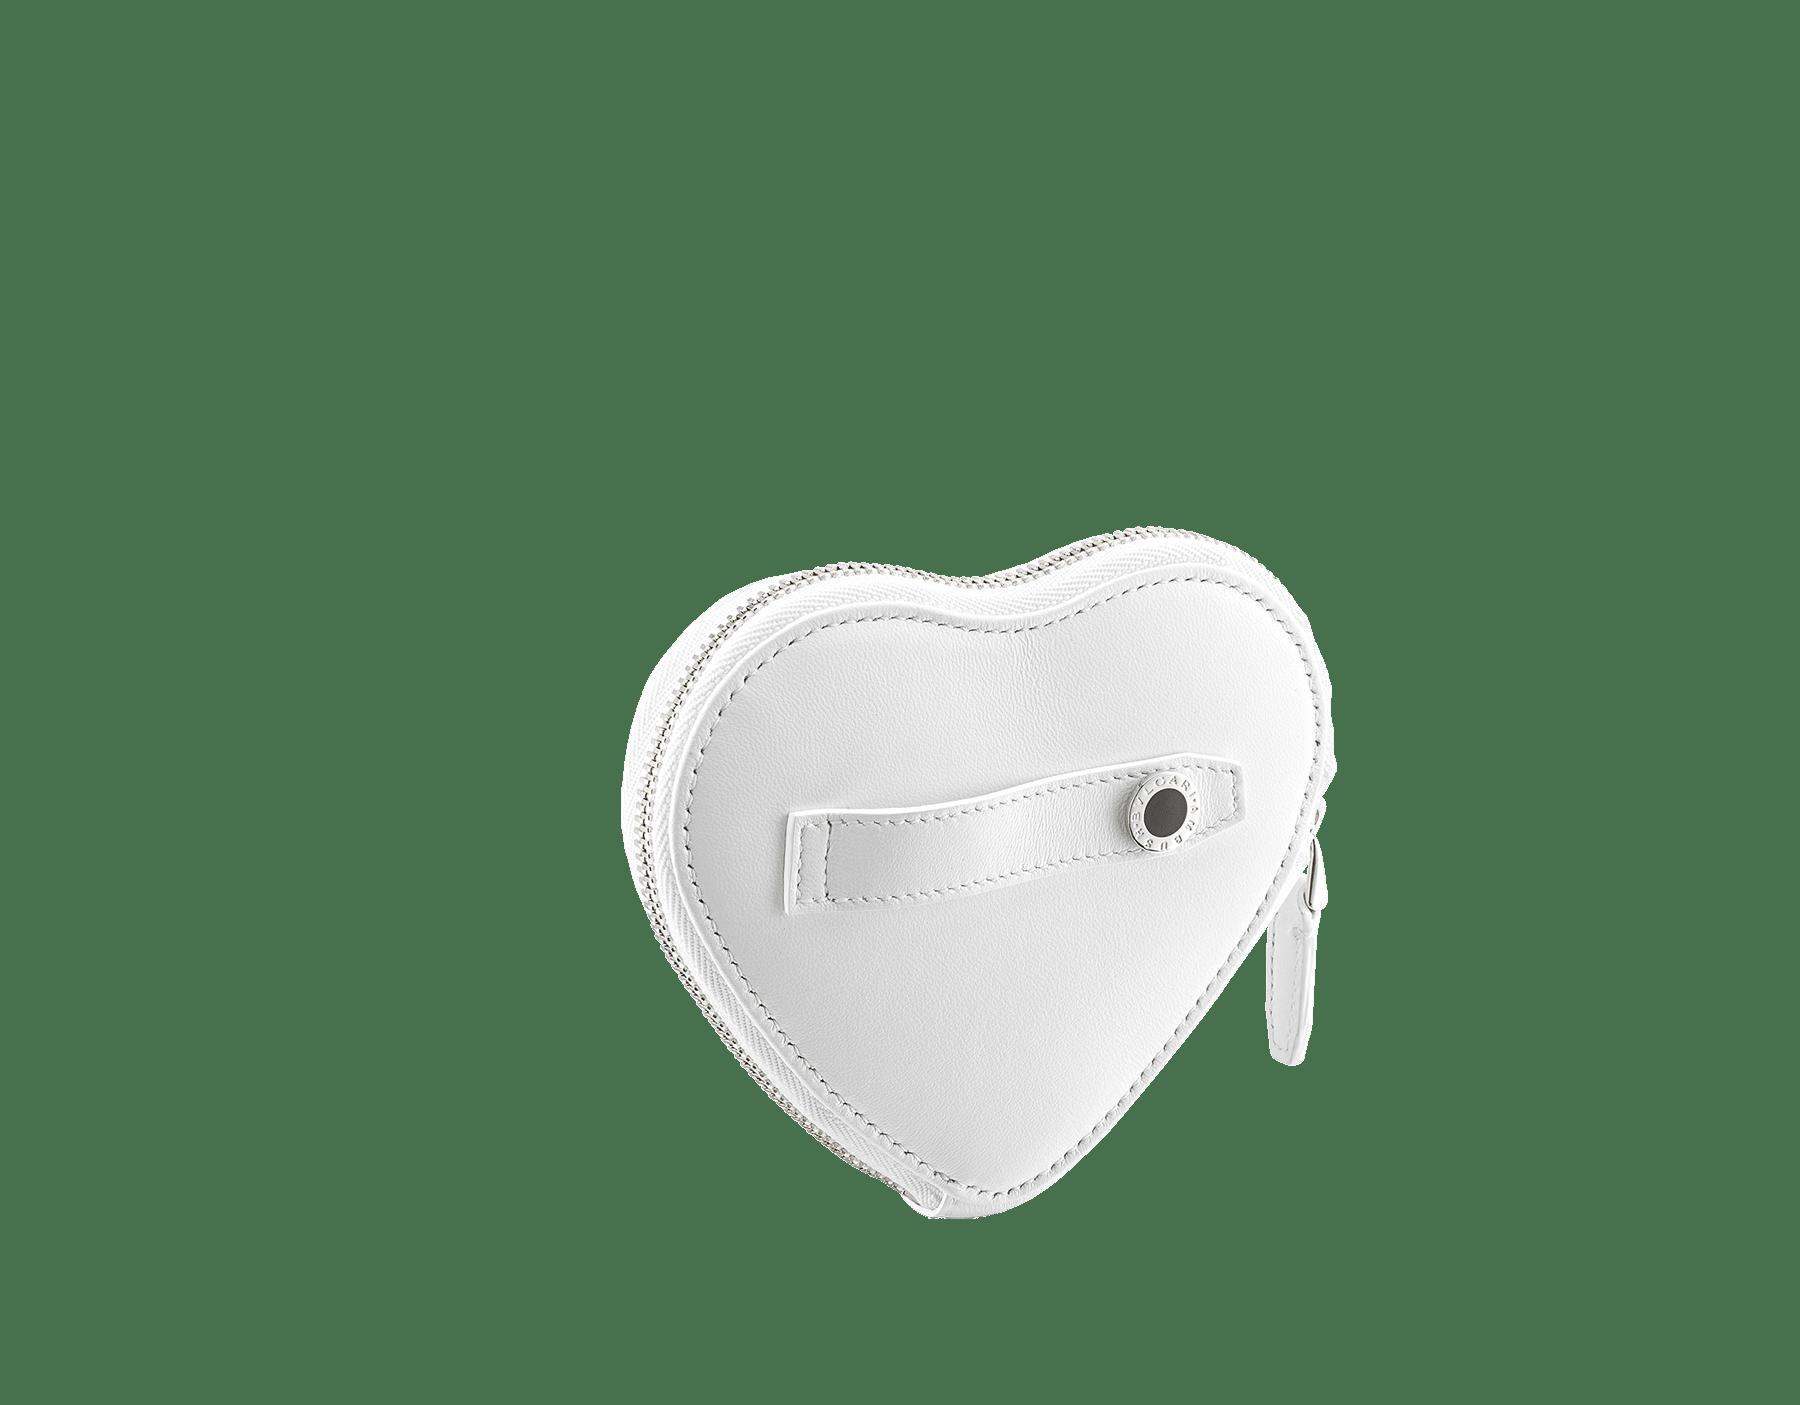 「AMBUSH x BVLGARI」コインパース。フラッシュダイヤモンドキルティングナッパレザー製。フラッシュダイヤモンドナッパレザーをまとったパラジウムプレートブラス製の新しいセルペンティ ヘッド。ブラックオニキスの目で仕上げています。日本限定リミテッドエディション 290428 image 3